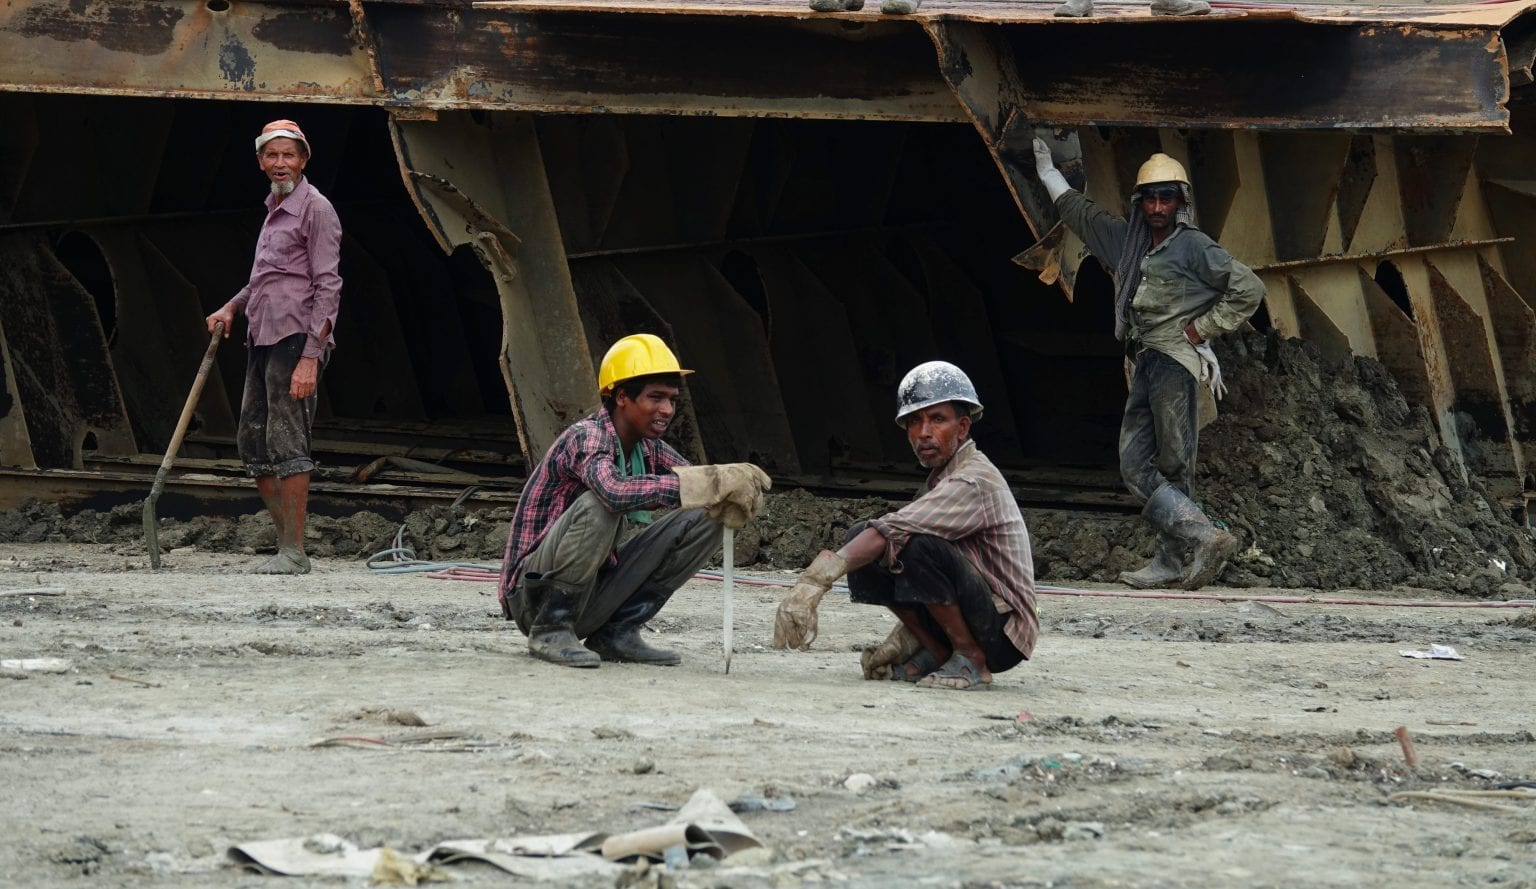 Arbejdere på Janata Steel værftet. Deres arbejdstøj lever hverken op til ILO eller Mærsks egne standarder for sikker skibsophug. Foto: S. Rahman/Danwatch